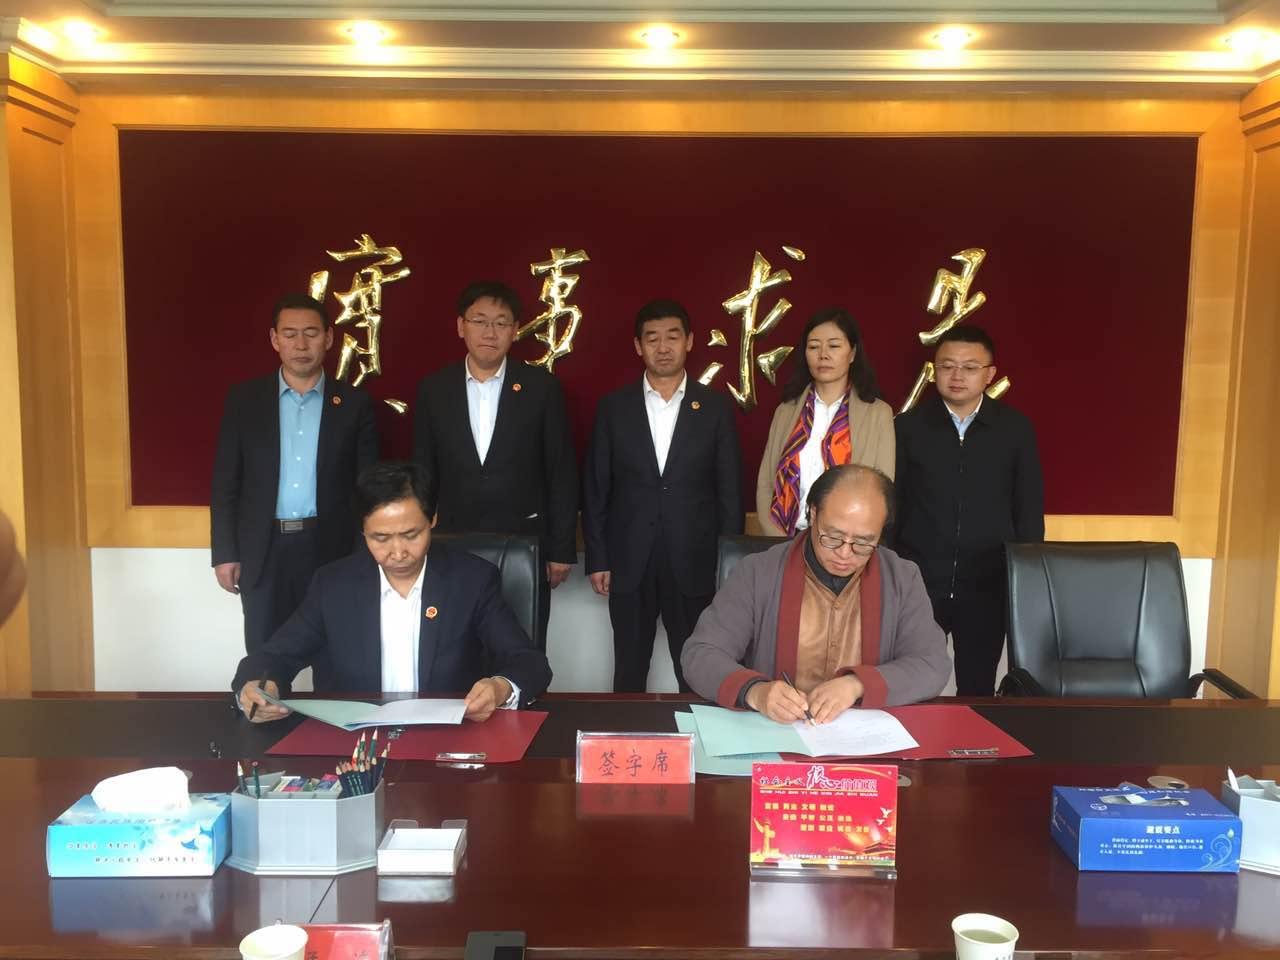 青海省海西州人民政府与北京仁创科技集团有限公司签订砂产业开发战略